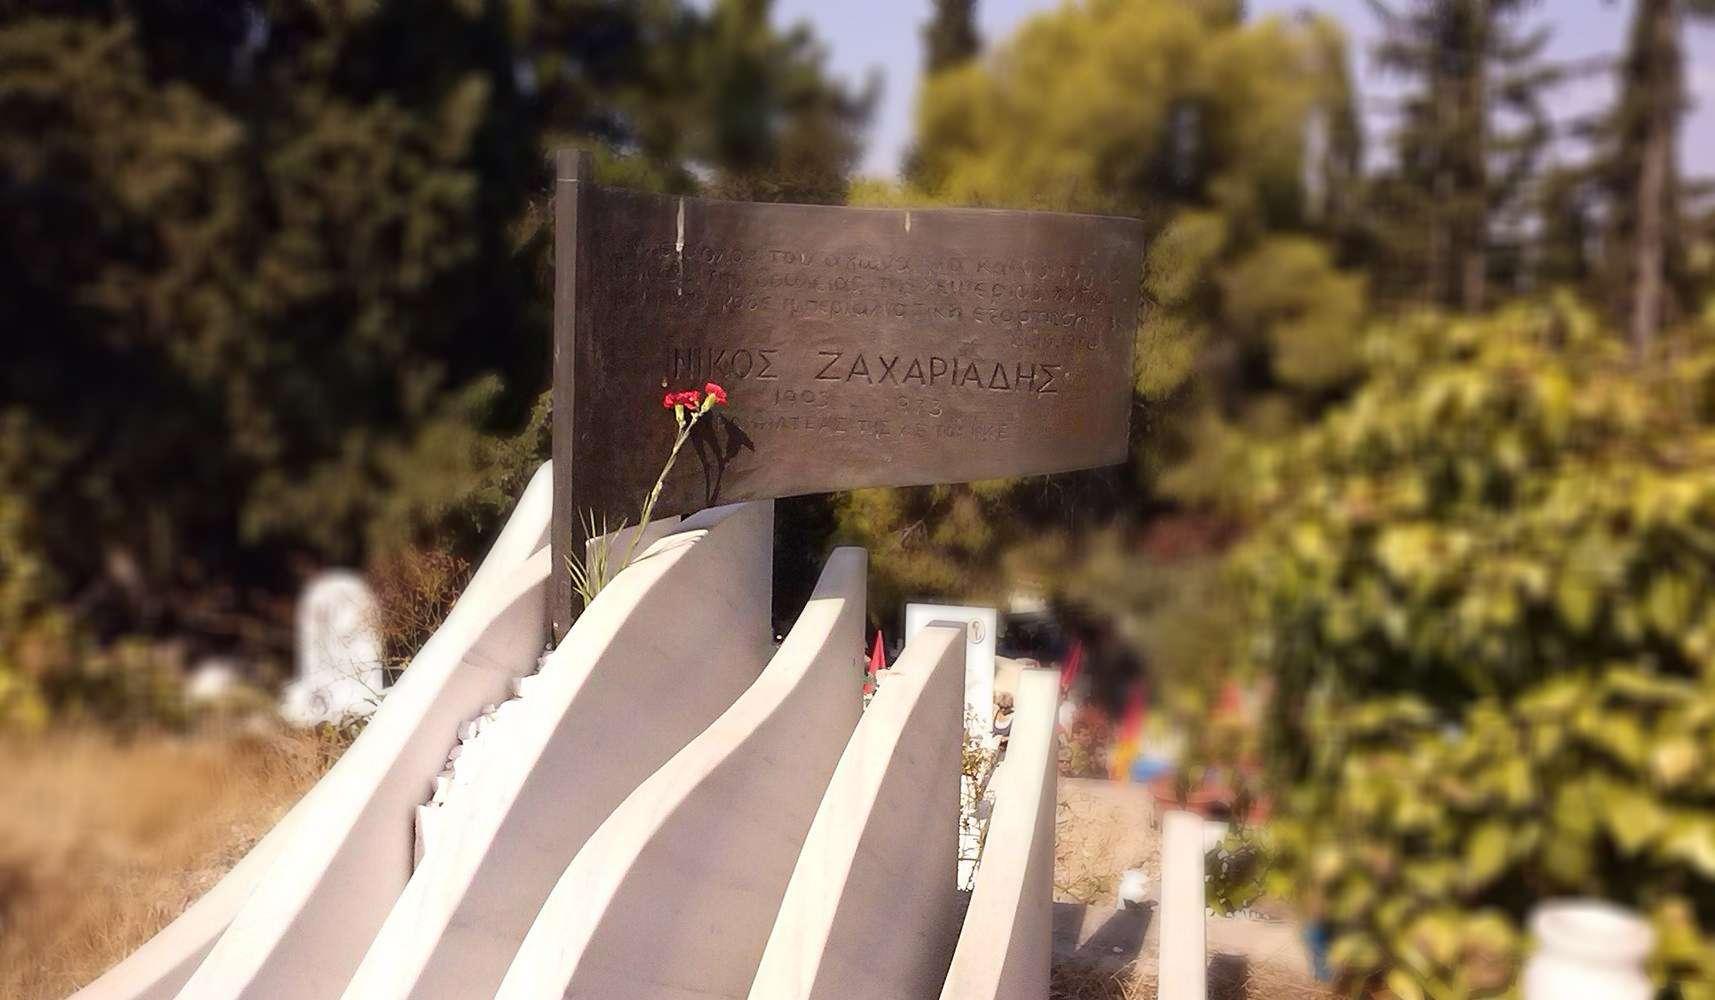 Ζαχαριάδης 1ο Νεκροταφείο